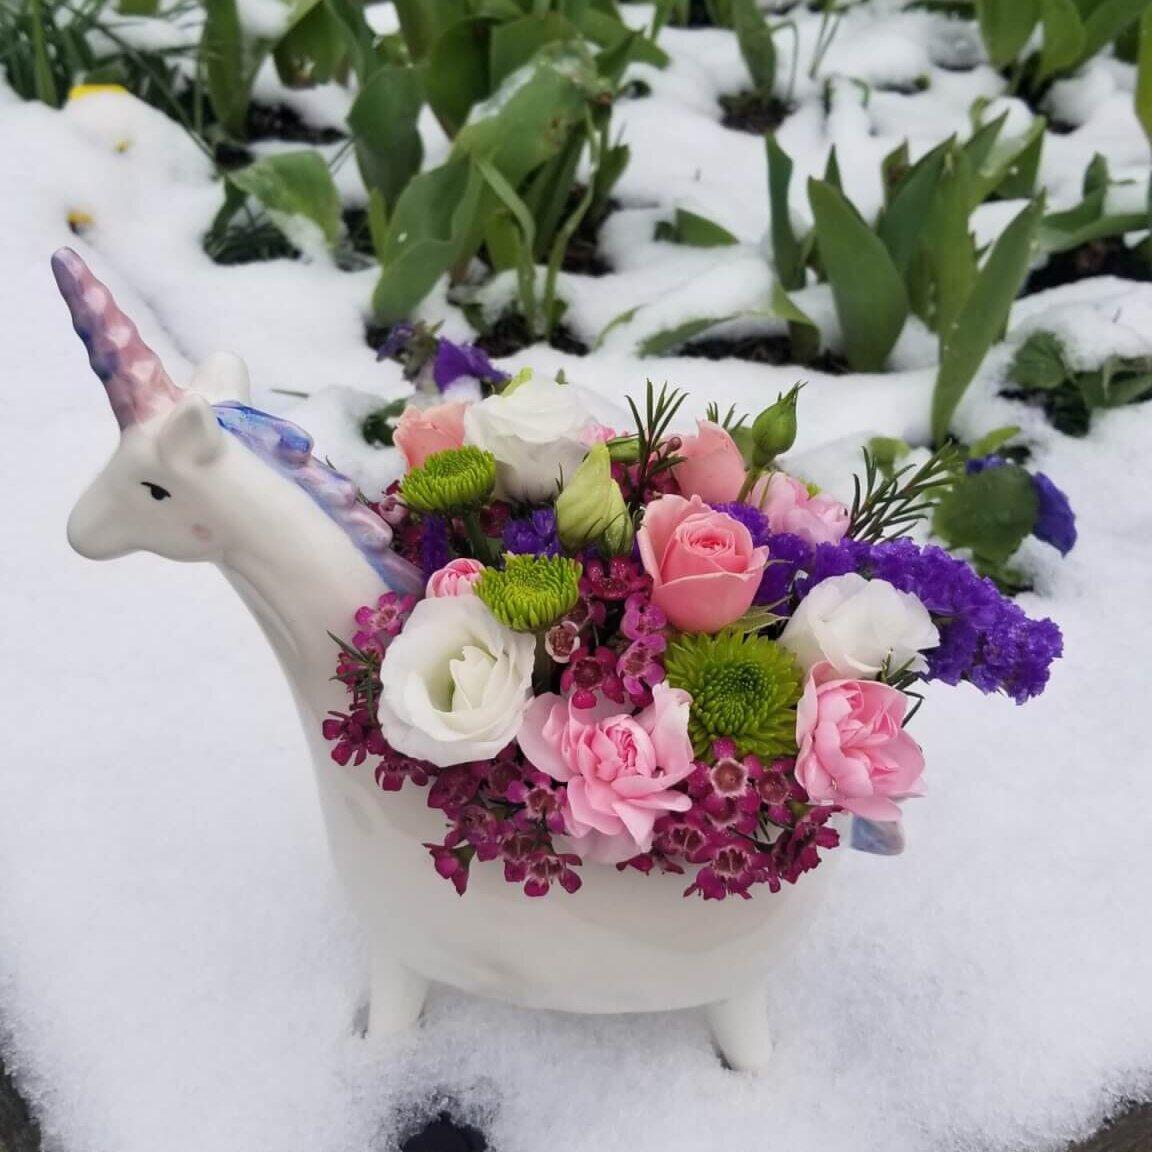 Flowers in a unicorn